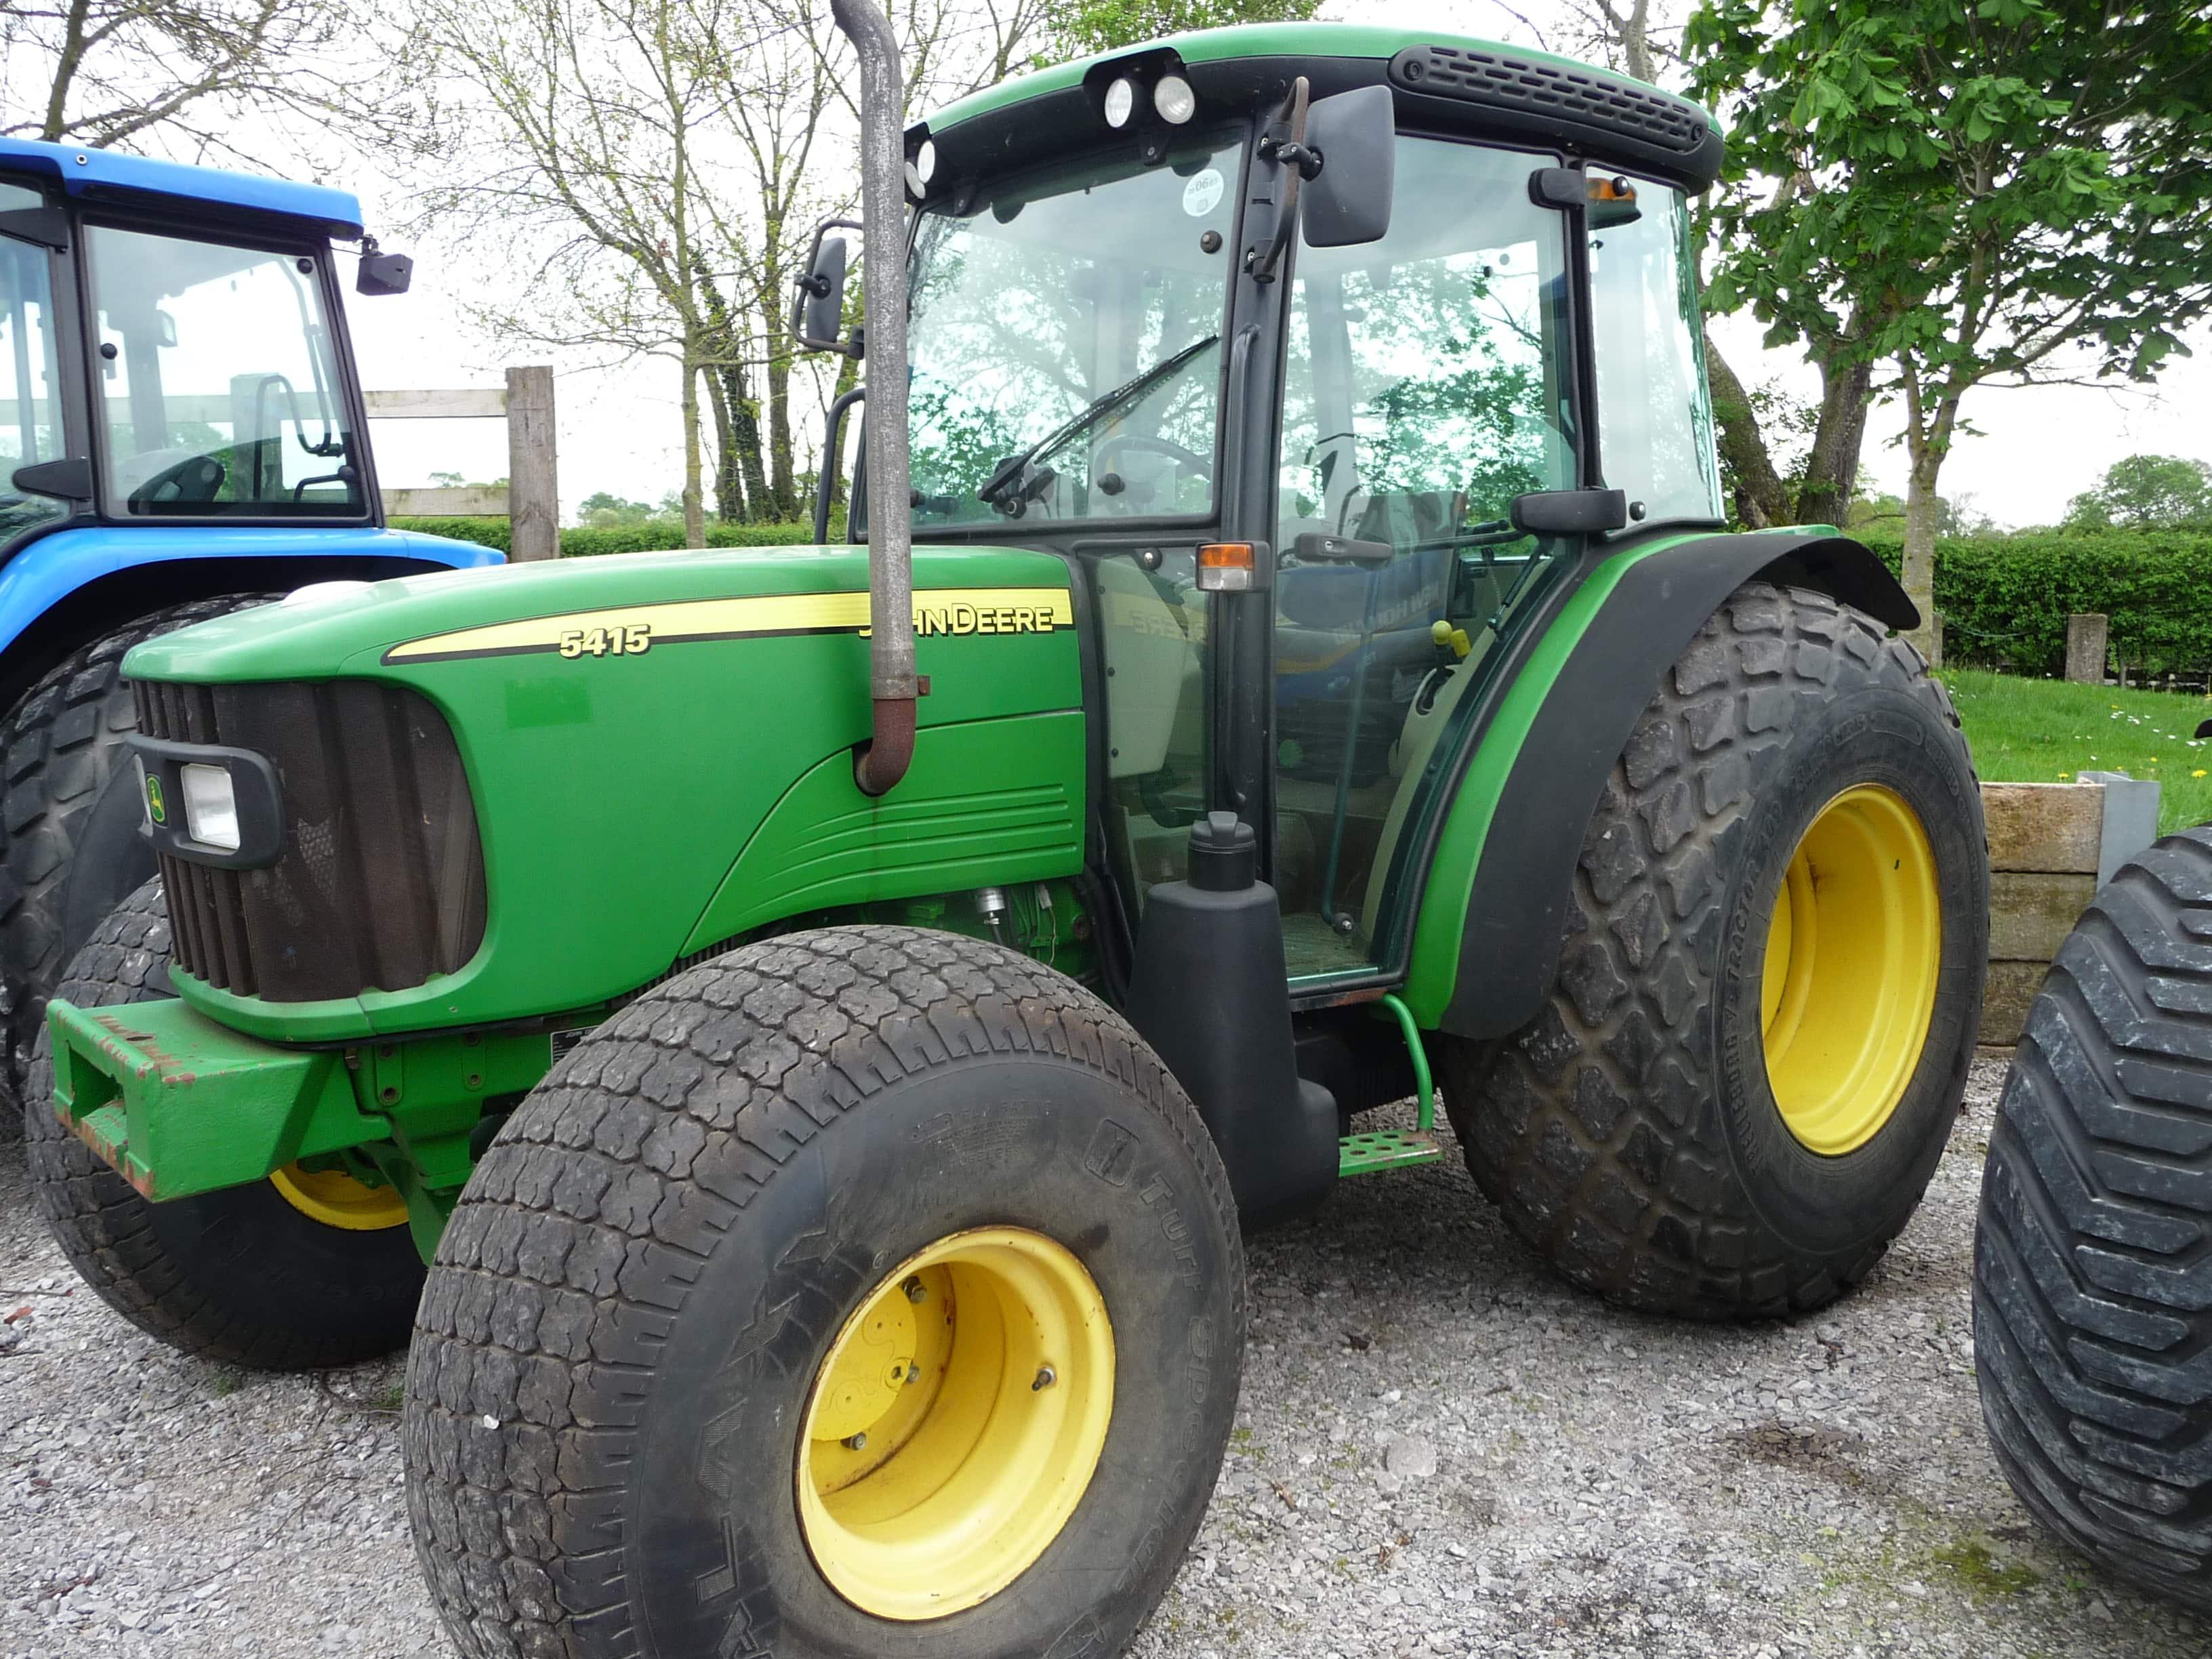 John Deere 5415 Tractor U3658